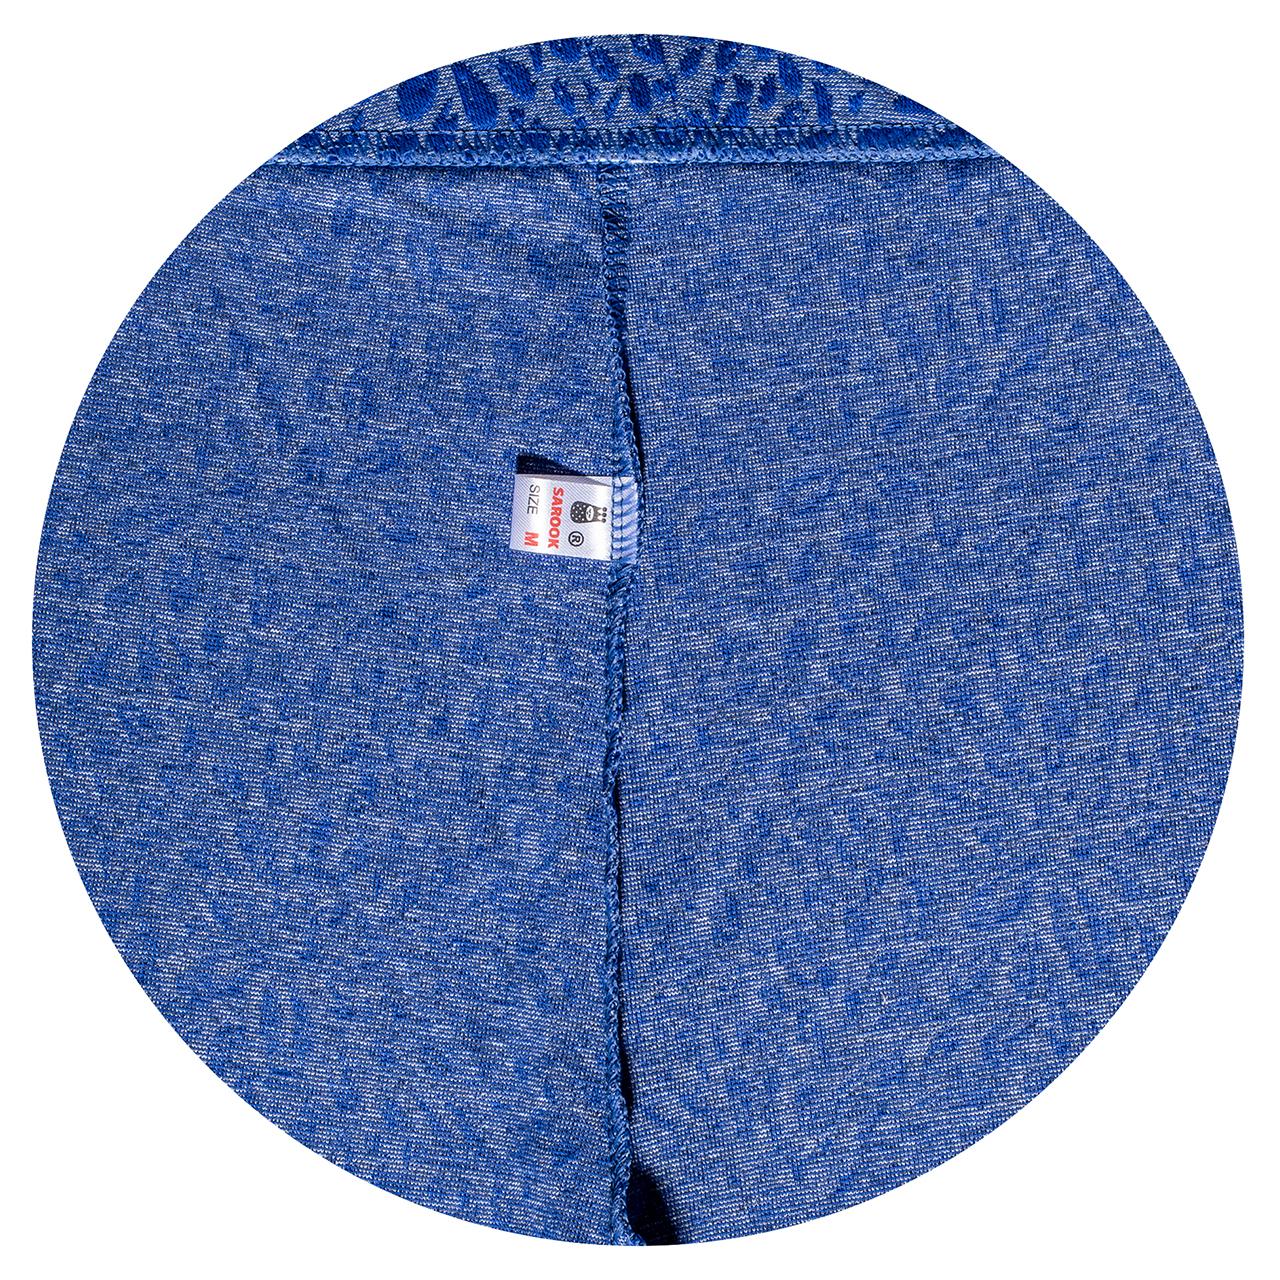 خرید                                      لگینگ زنانه ساروک مدل SHZSZHG03 رنگ آبی